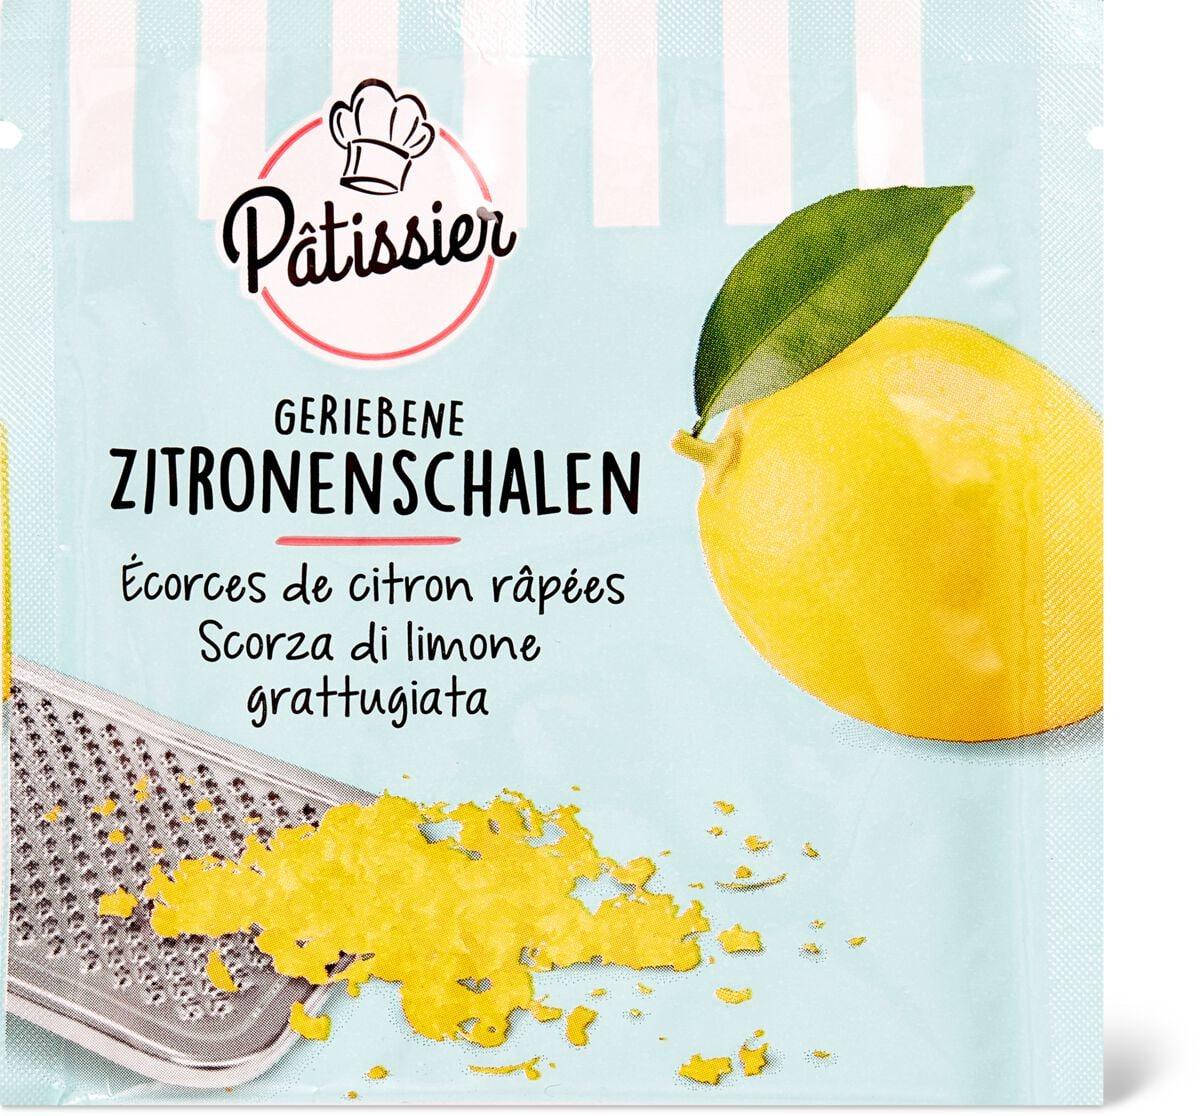 Patissier Geriebene Zitronenschale